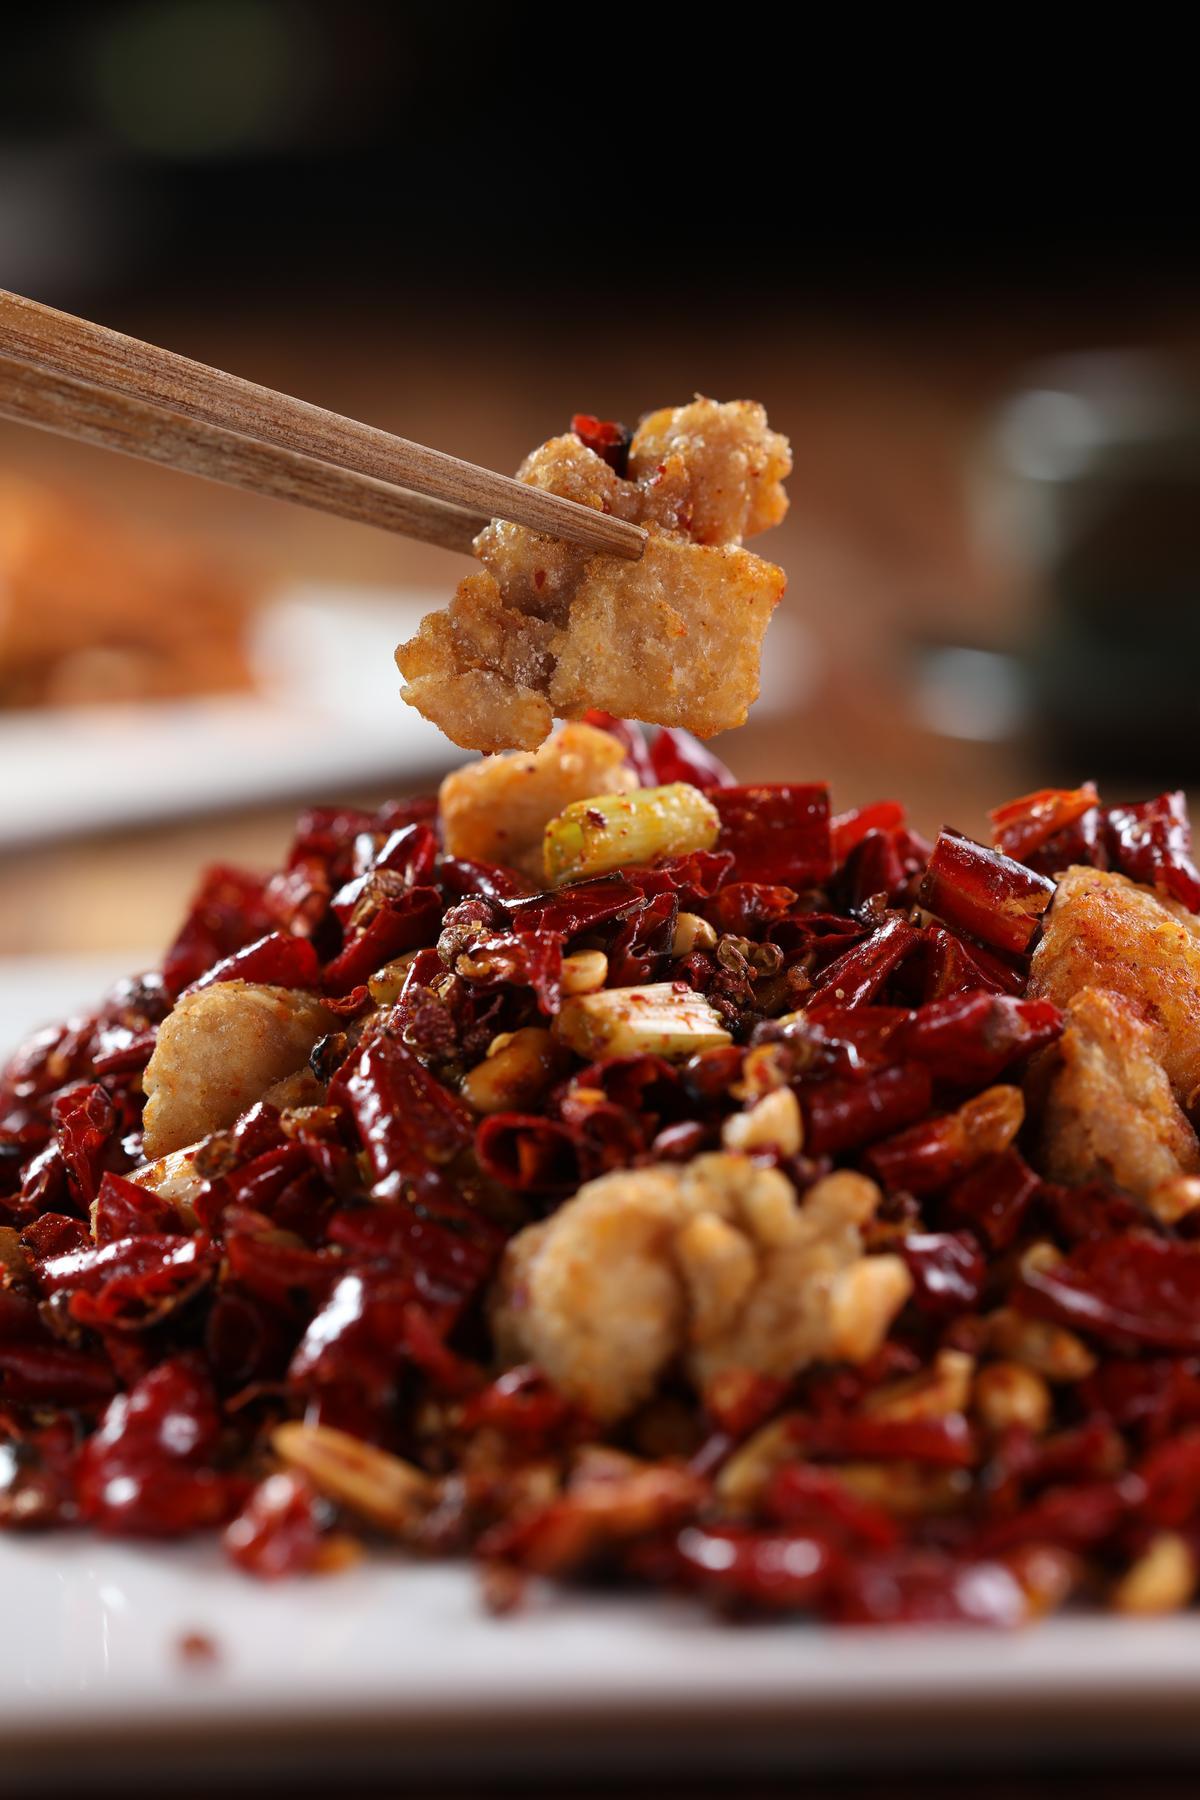 「歌樂山辣子雞」是典型川菜,鹹辣兼具,又經過油炸,若搭單寧太高的紅酒會帶出苦味,適合選擇果香較濃的酒款。(320元/份)